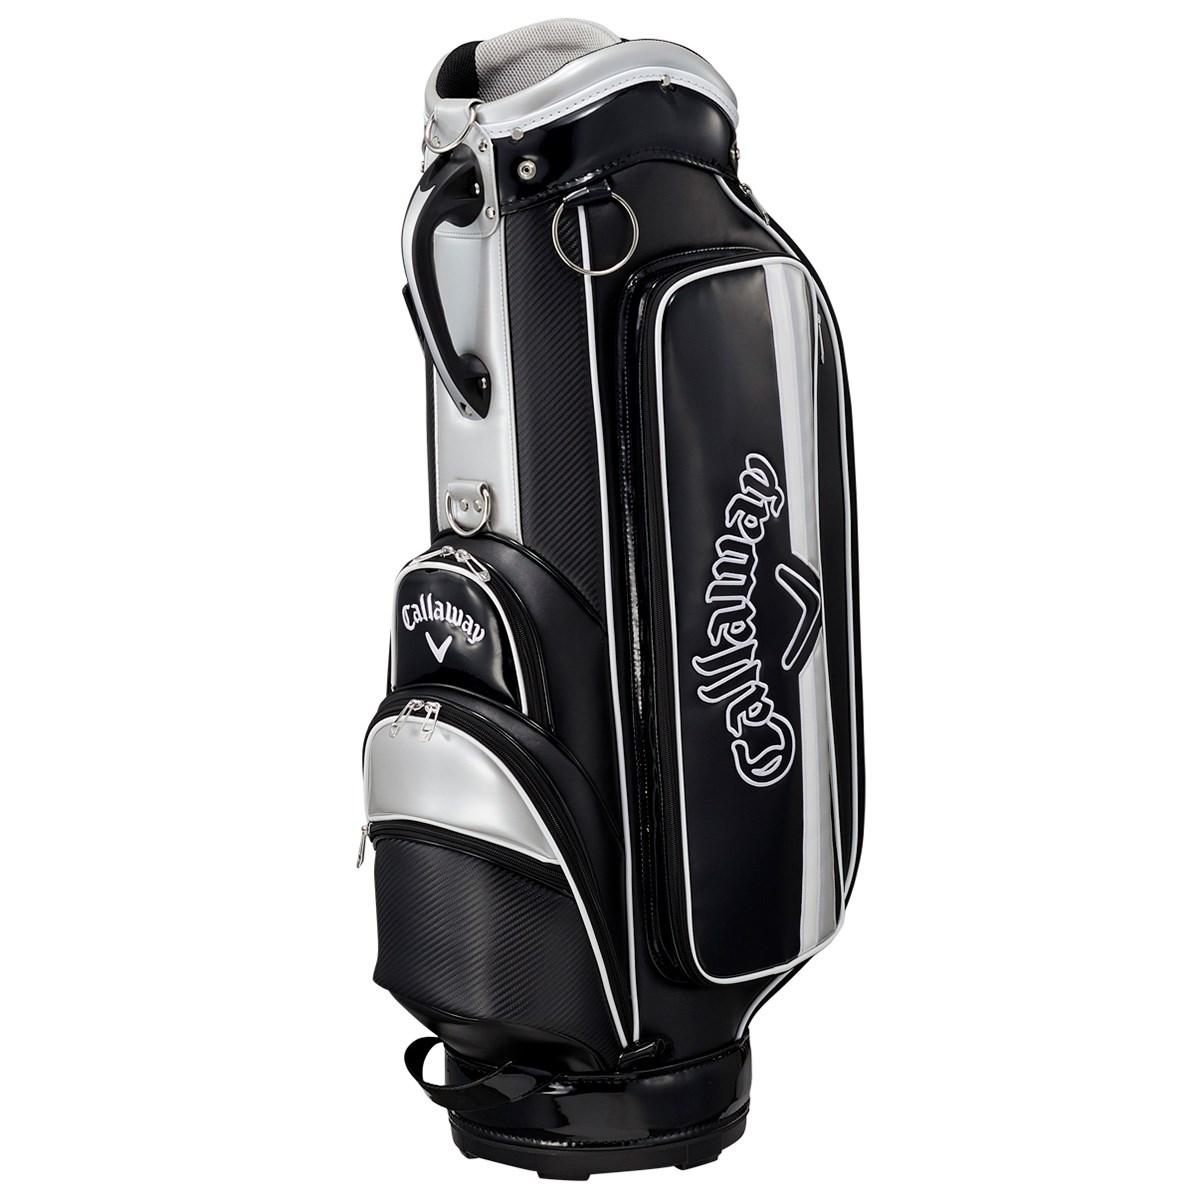 キャロウェイゴルフ Callaway Golf SOLID JM キャディバッグ ブラック